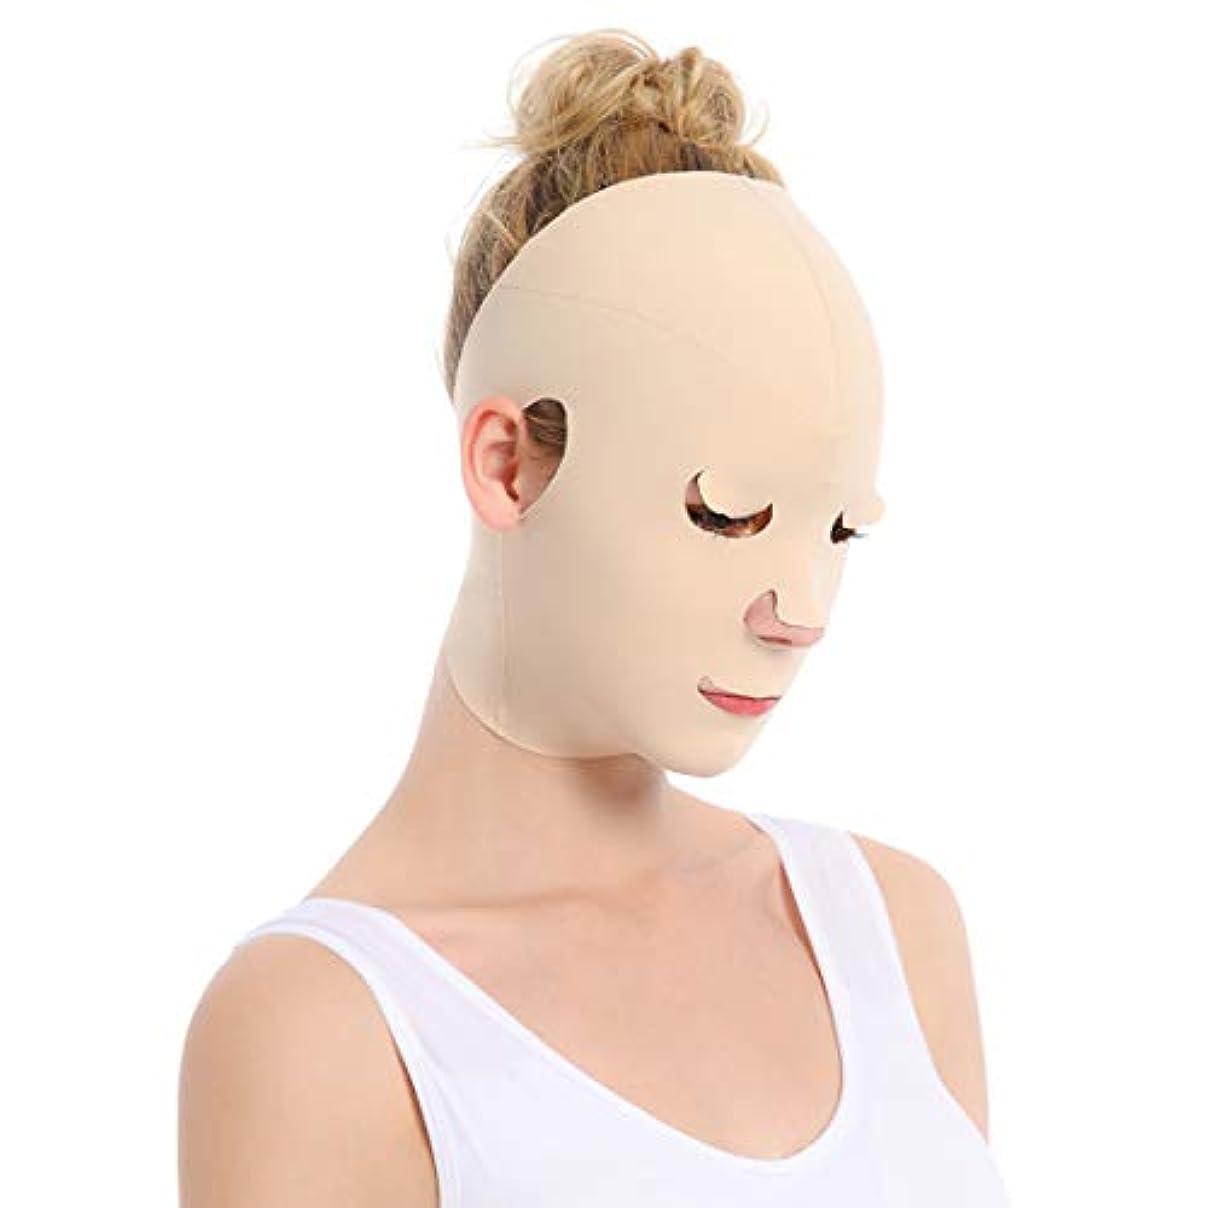 チューブ迷路ショッキング小顔ベルト フェイスベルト矯正 Vライン 美顏 顎サポーター 顔痩せ フェイスサポータマスク 男女兼用